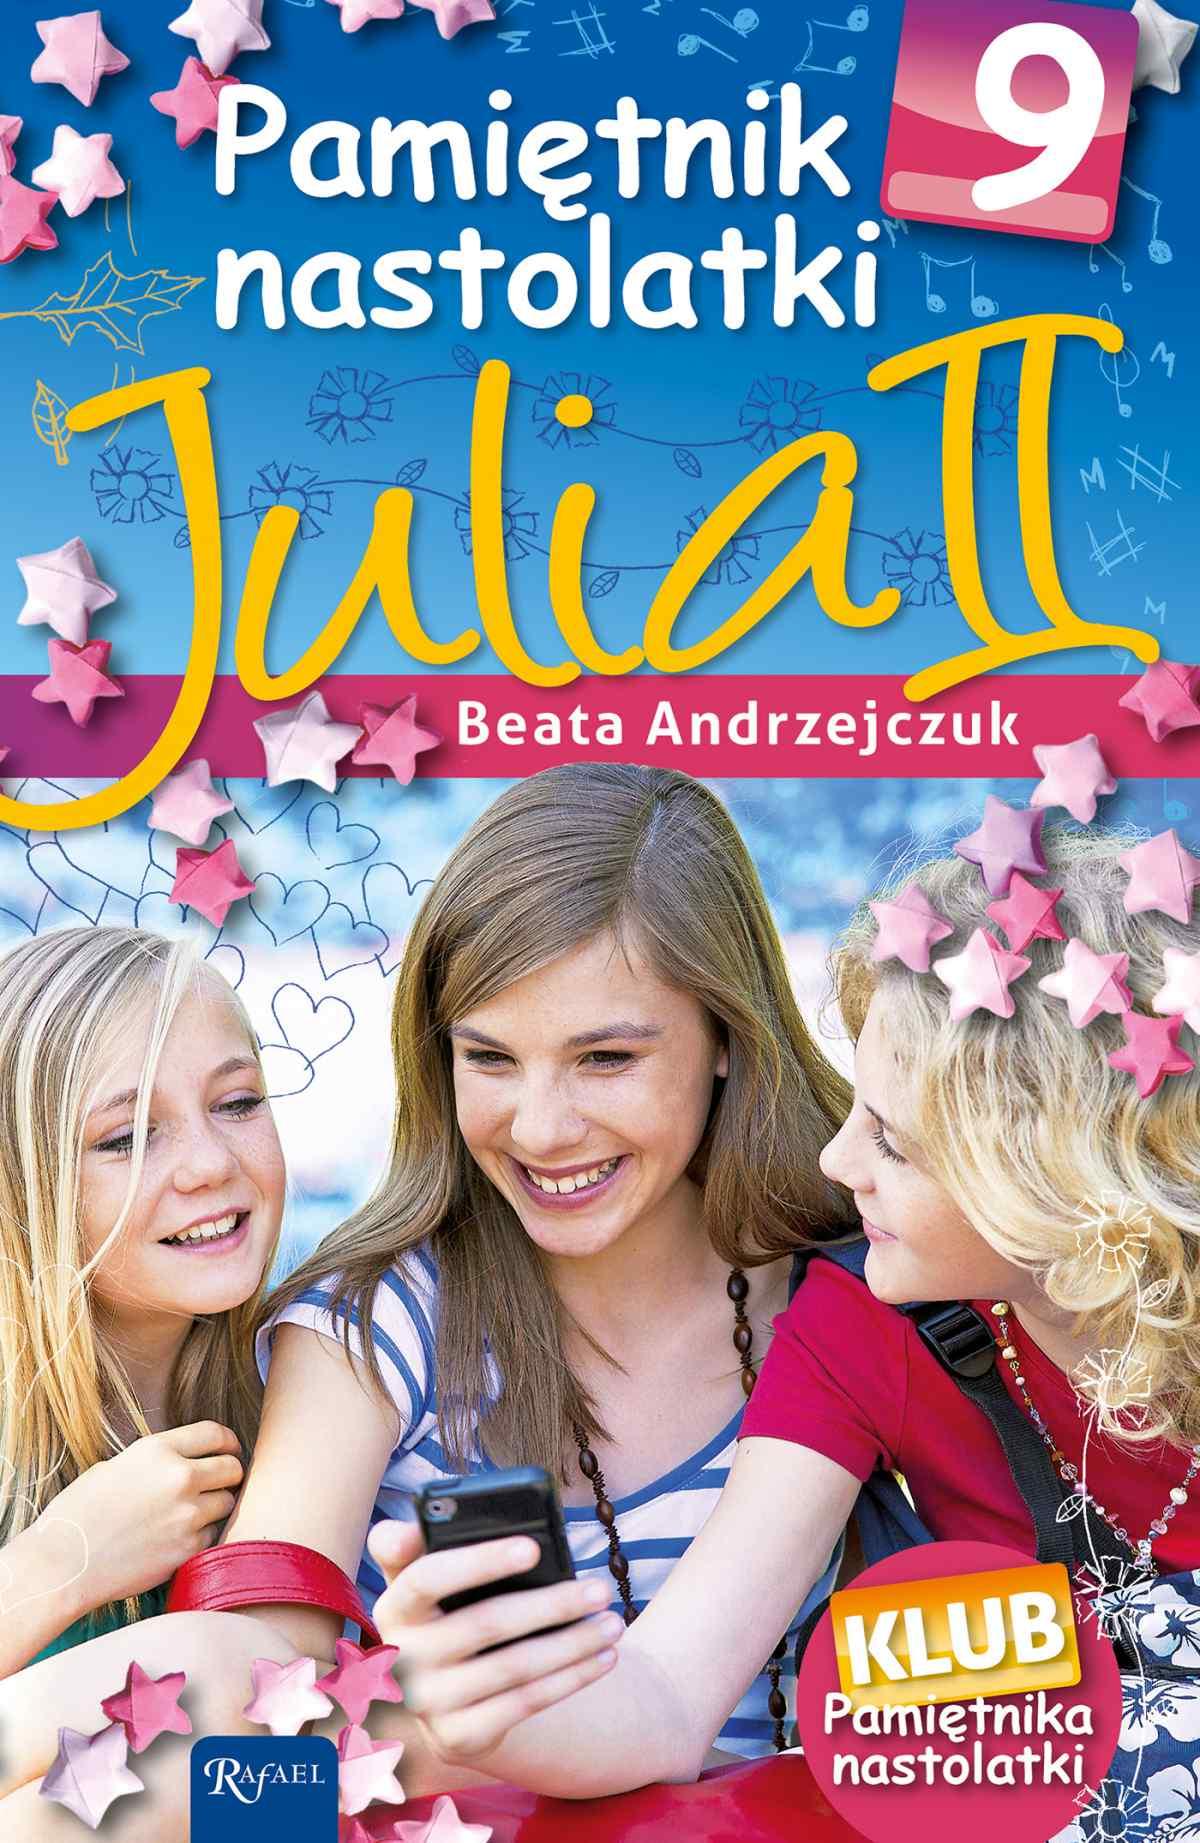 Pamiętnik nastolatki 9. Julia II - Ebook (Książka na Kindle) do pobrania w formacie MOBI